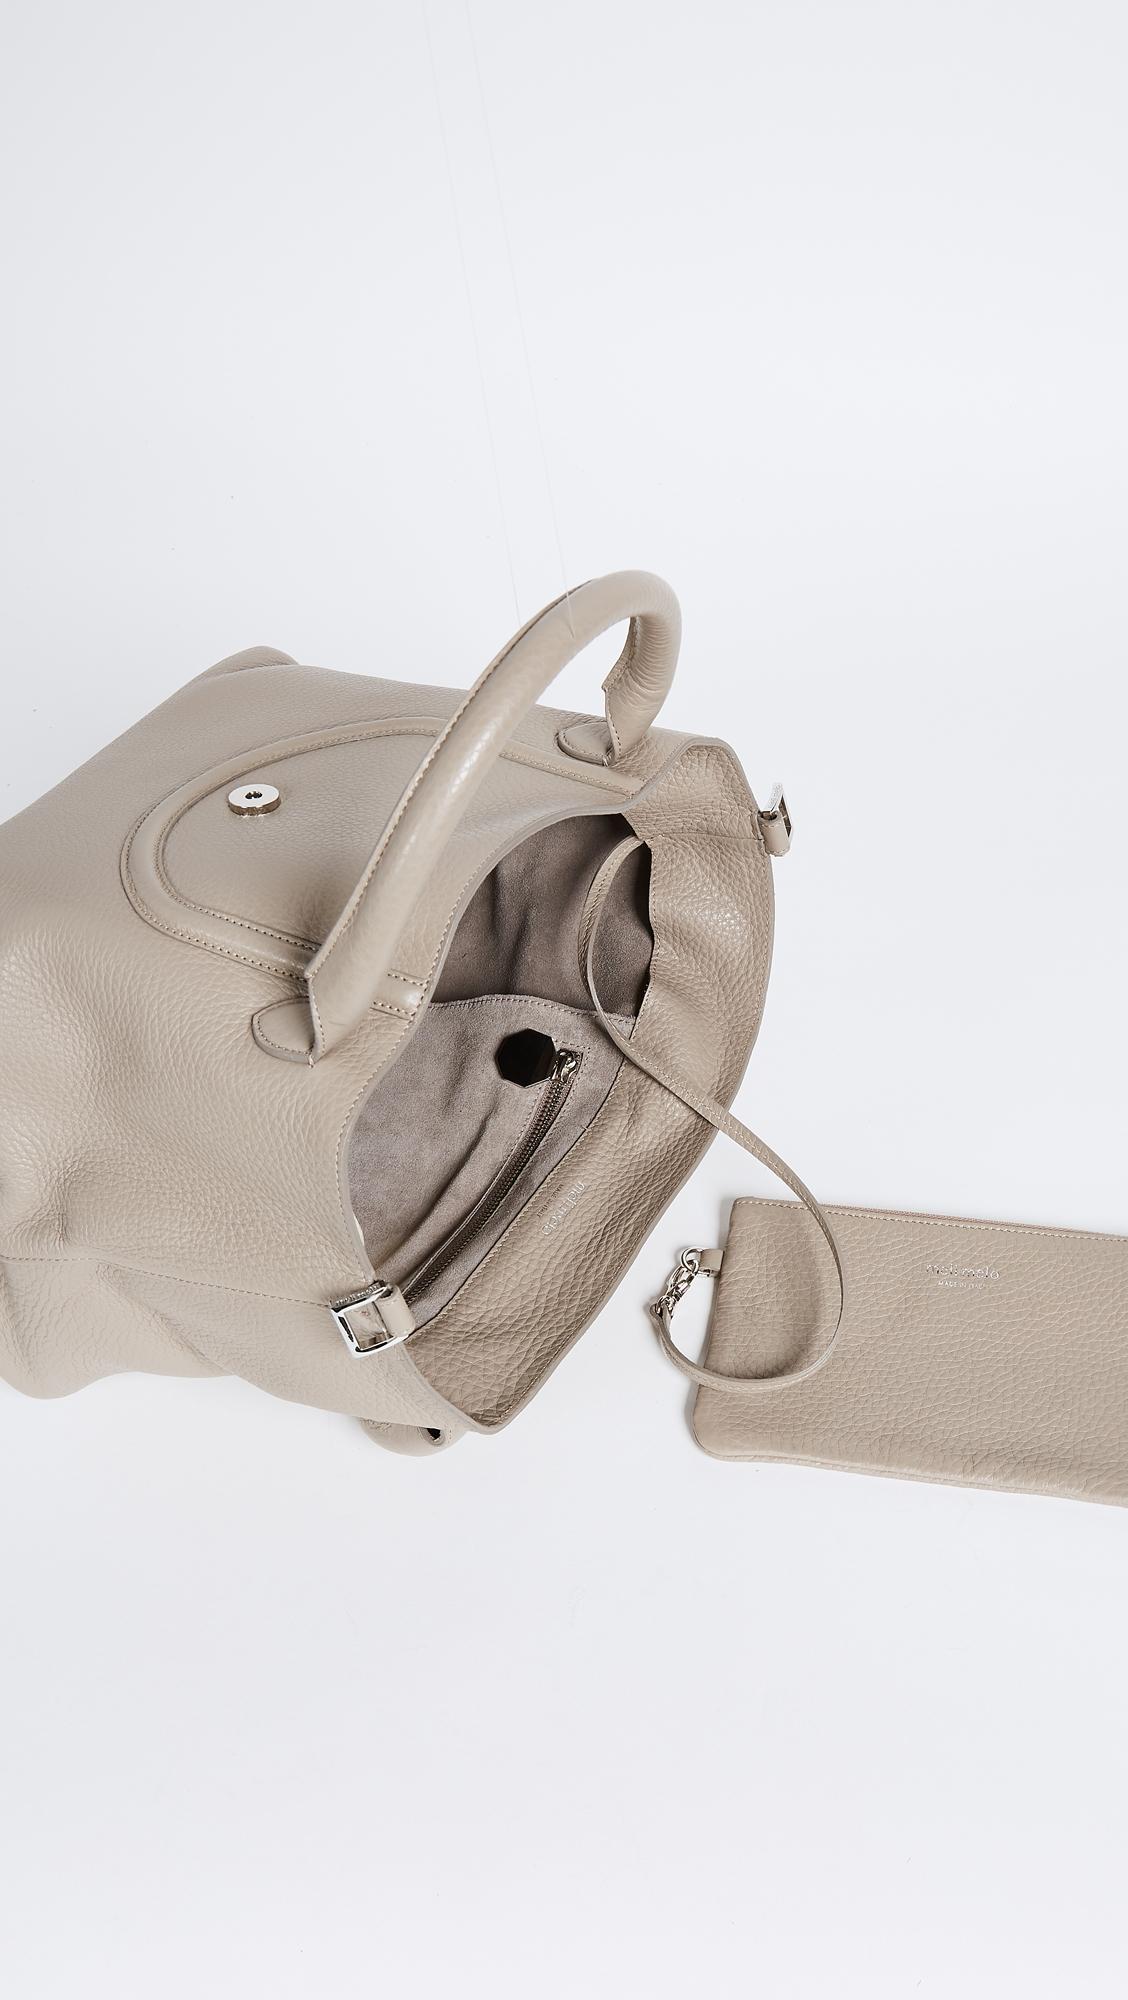 Классическая сумка Thela Halo среднего размера meli melo  (MEMEL3012711876314)